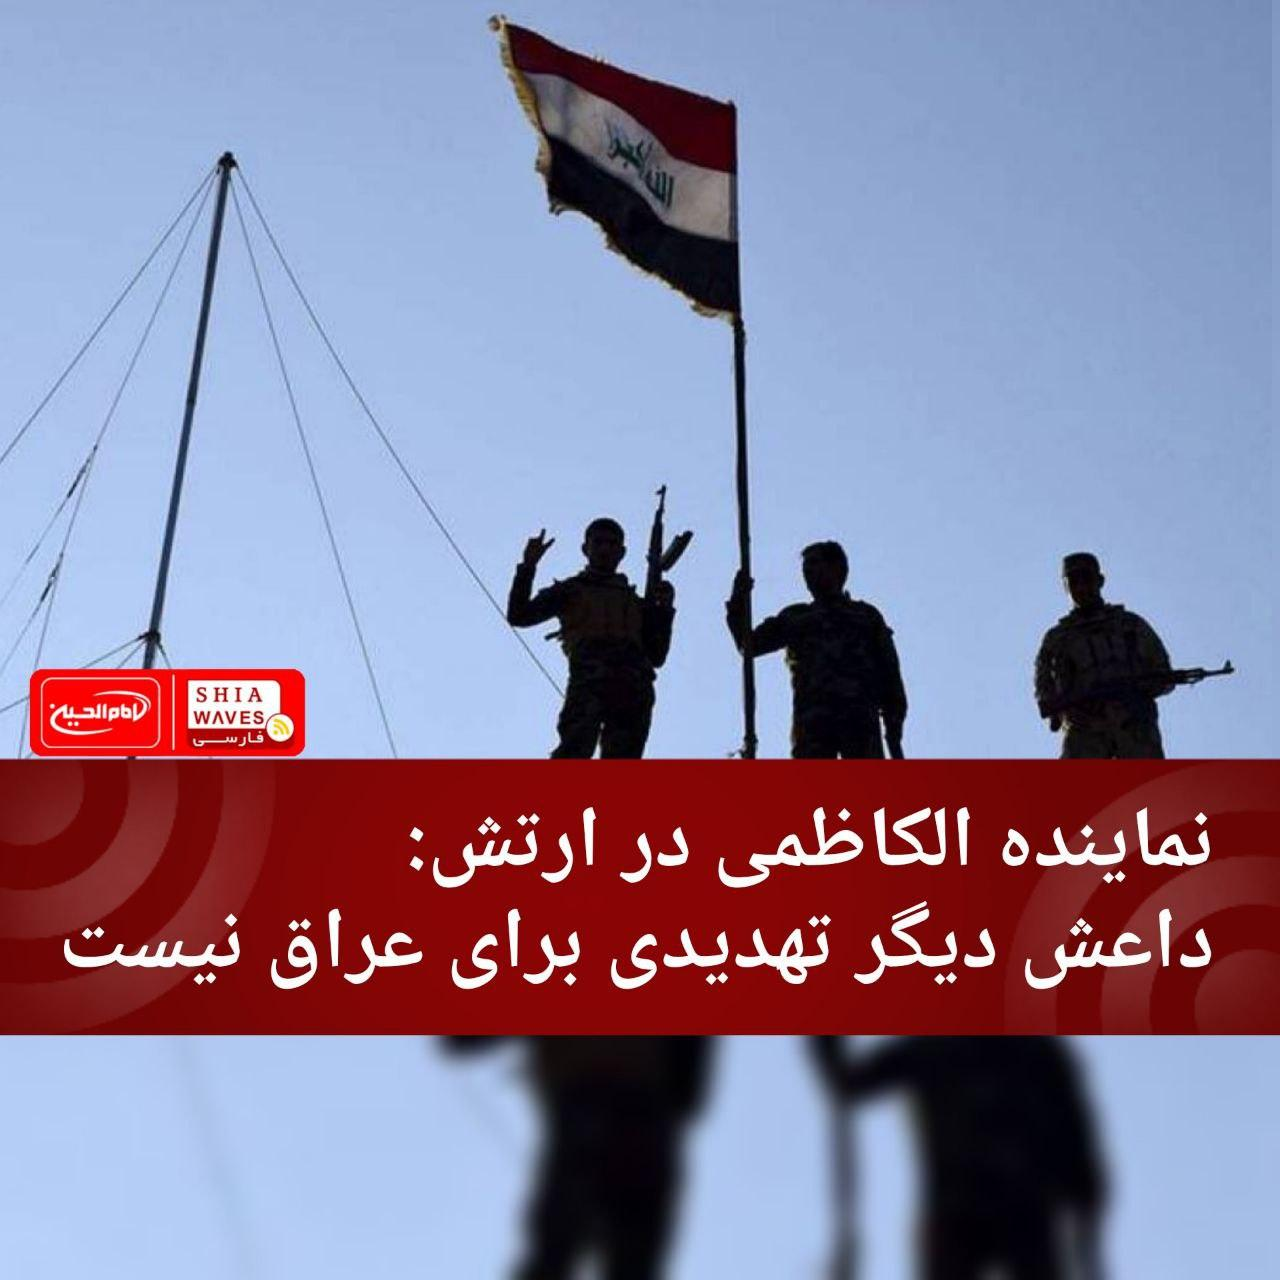 تصویر نماینده الکاظمی در ارتش: داعش دیگر تهدیدی برای عراق نیست